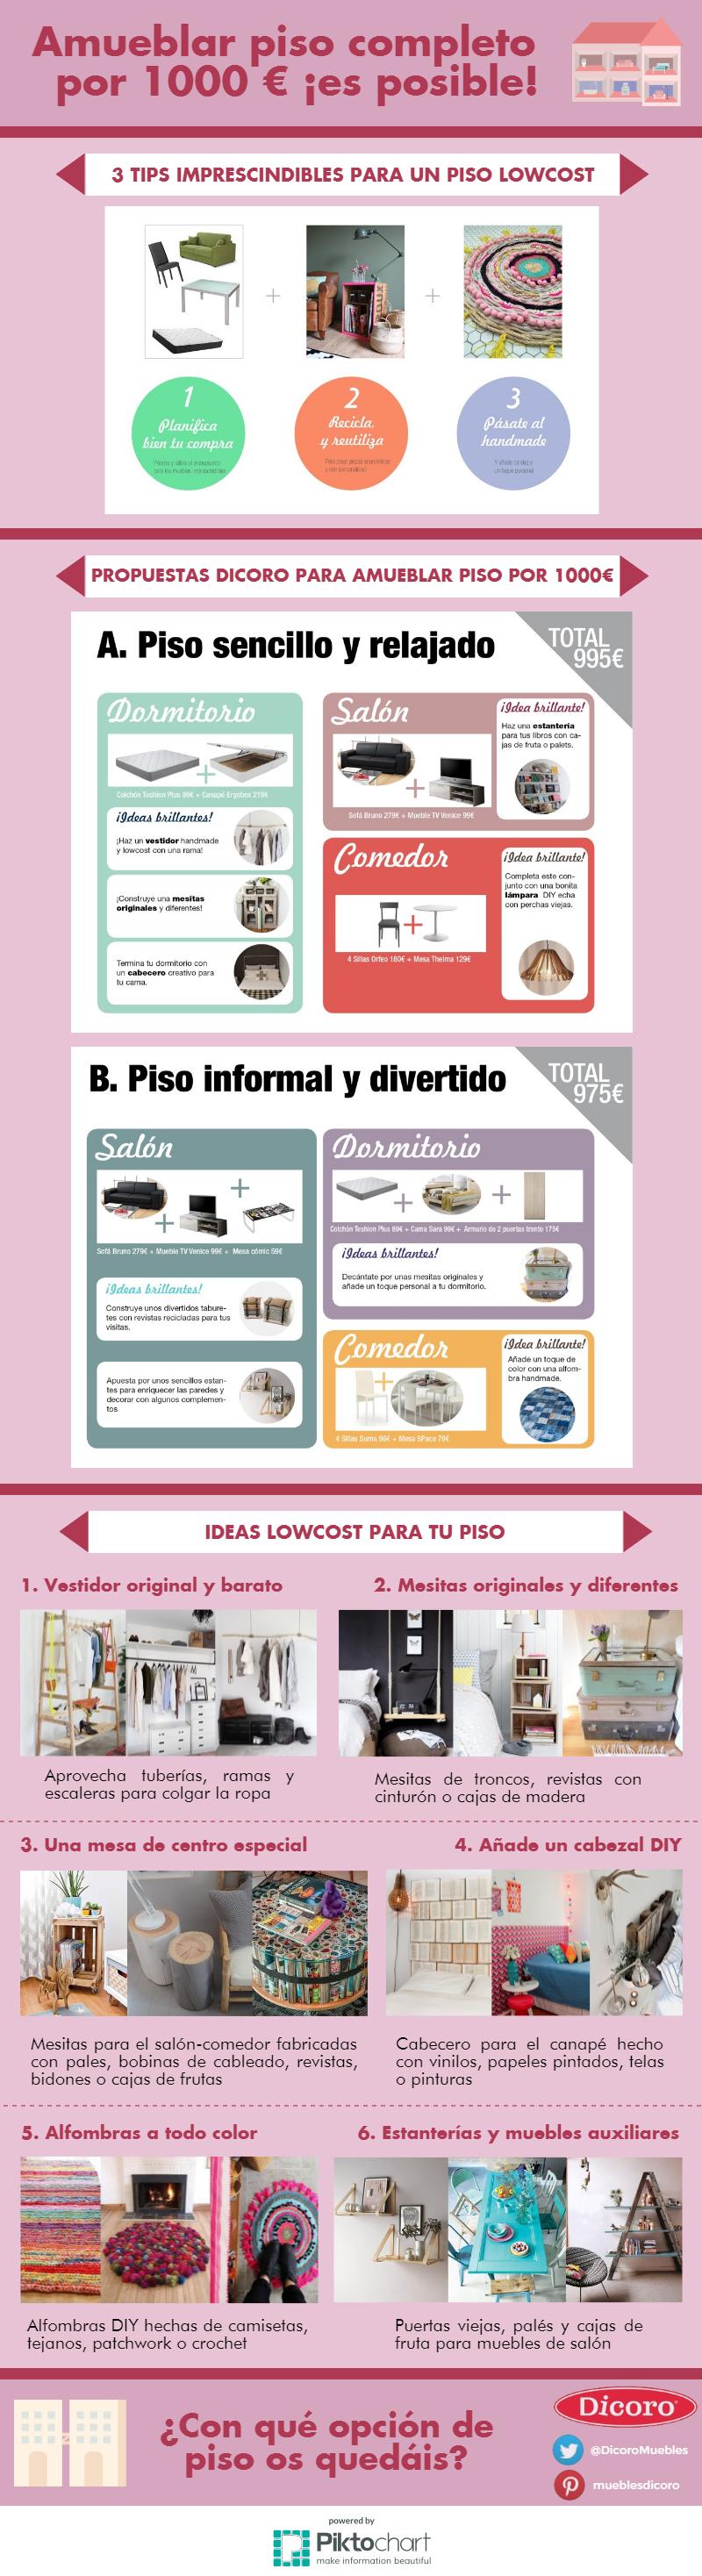 Amueblar piso completo por 1000 euros es posible - Amueblar piso completo barcelona ...